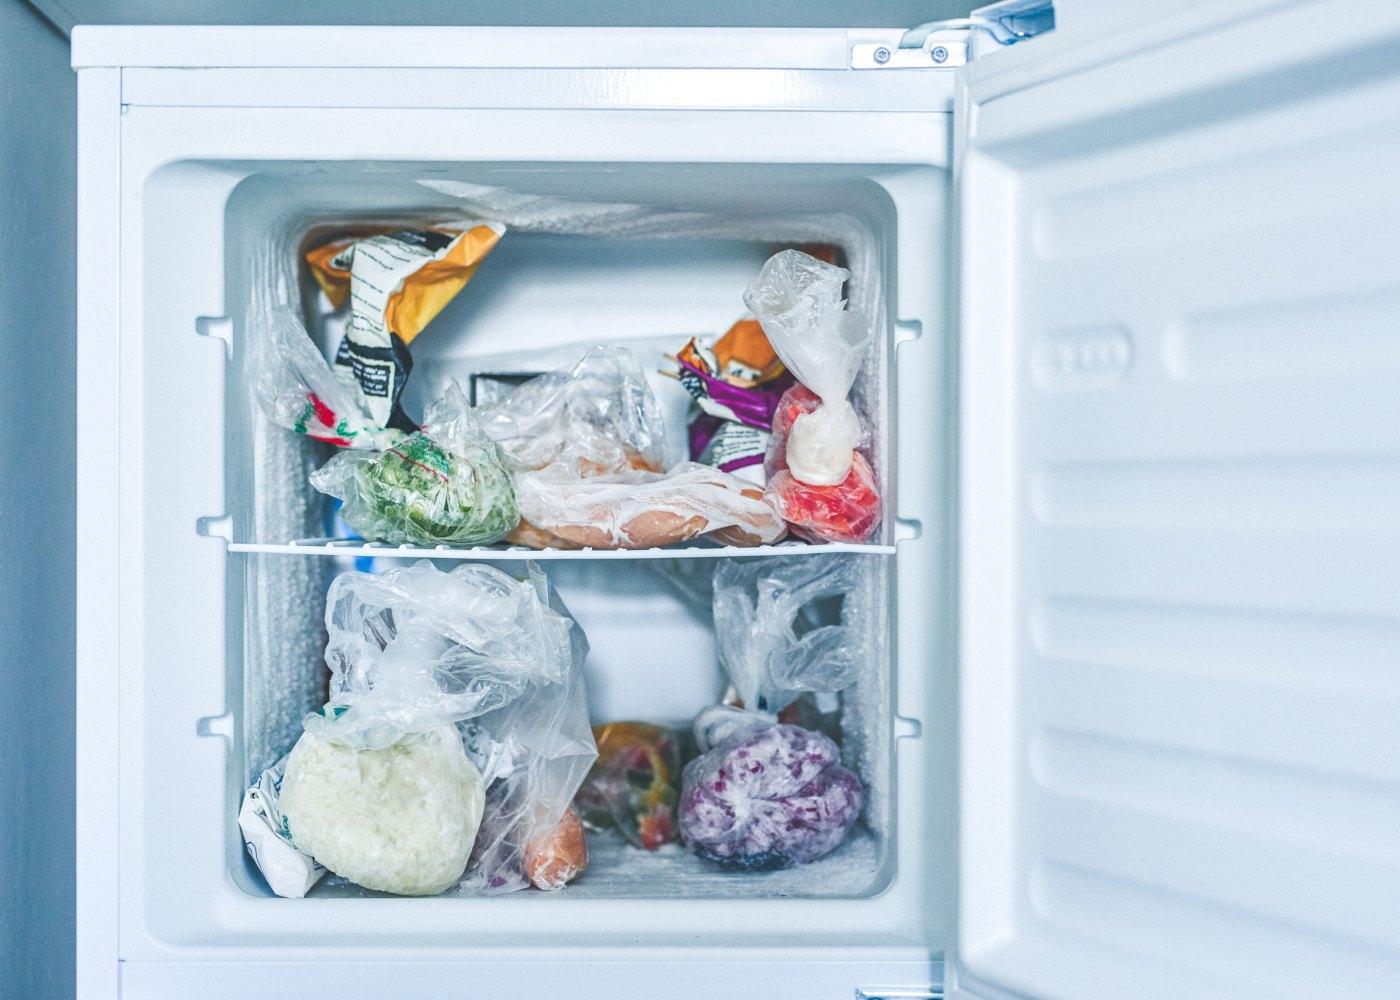 Congelador com comida